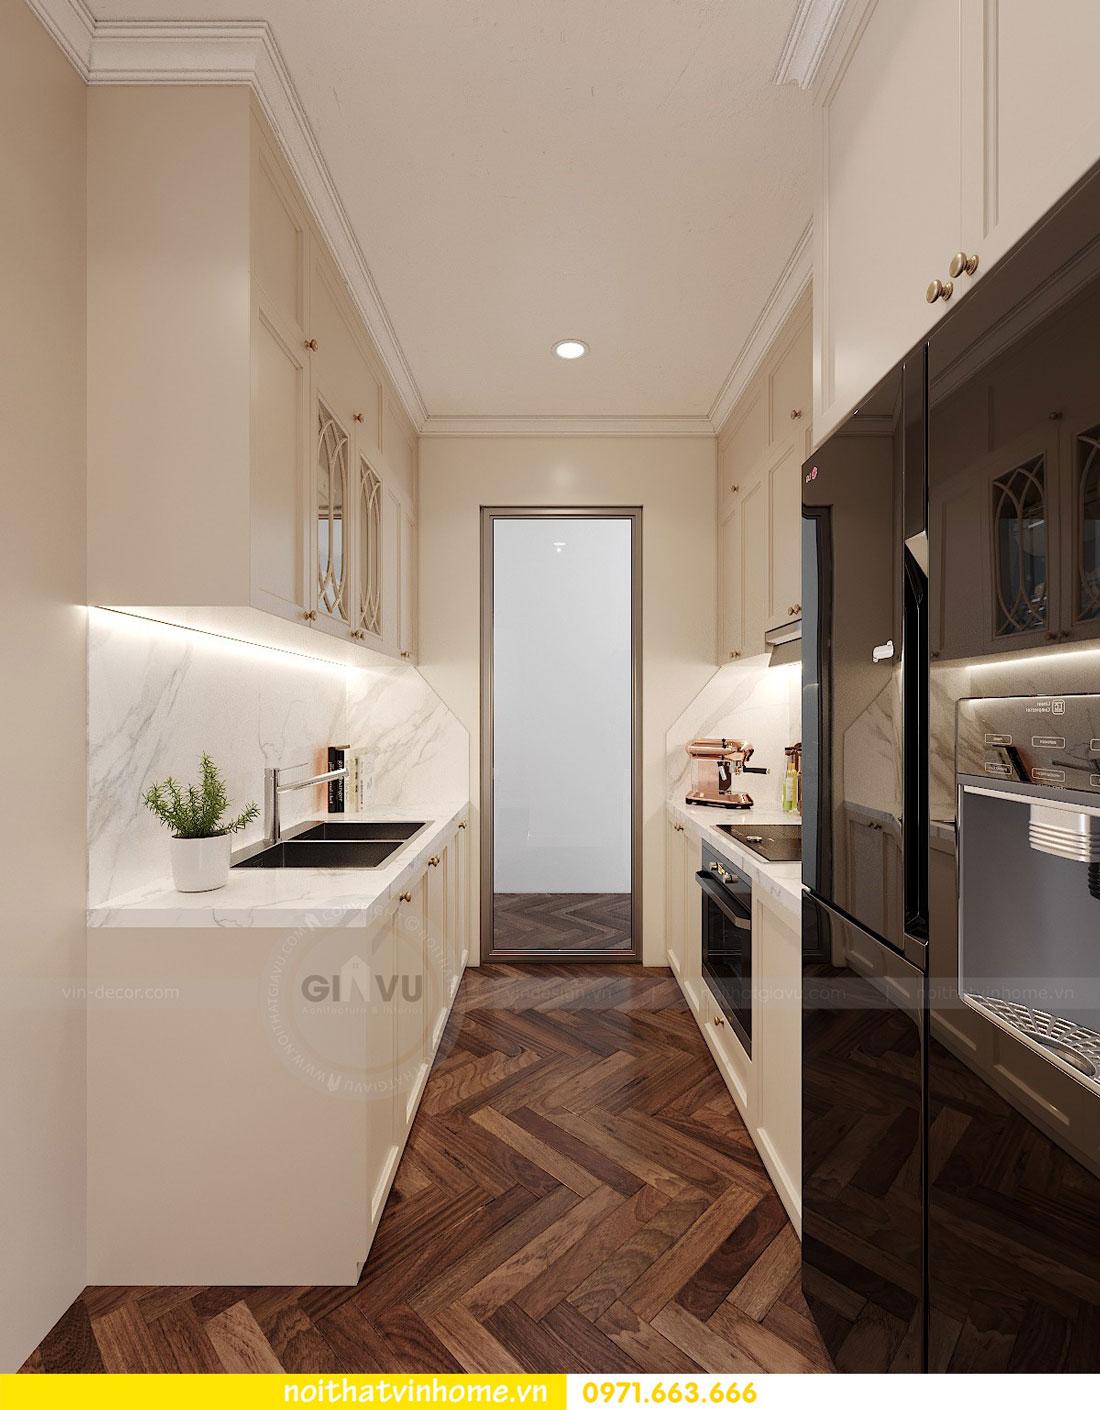 thiết kế nội thất chung cư DCapitale 3 phòng ngủ C7 căn 12 6